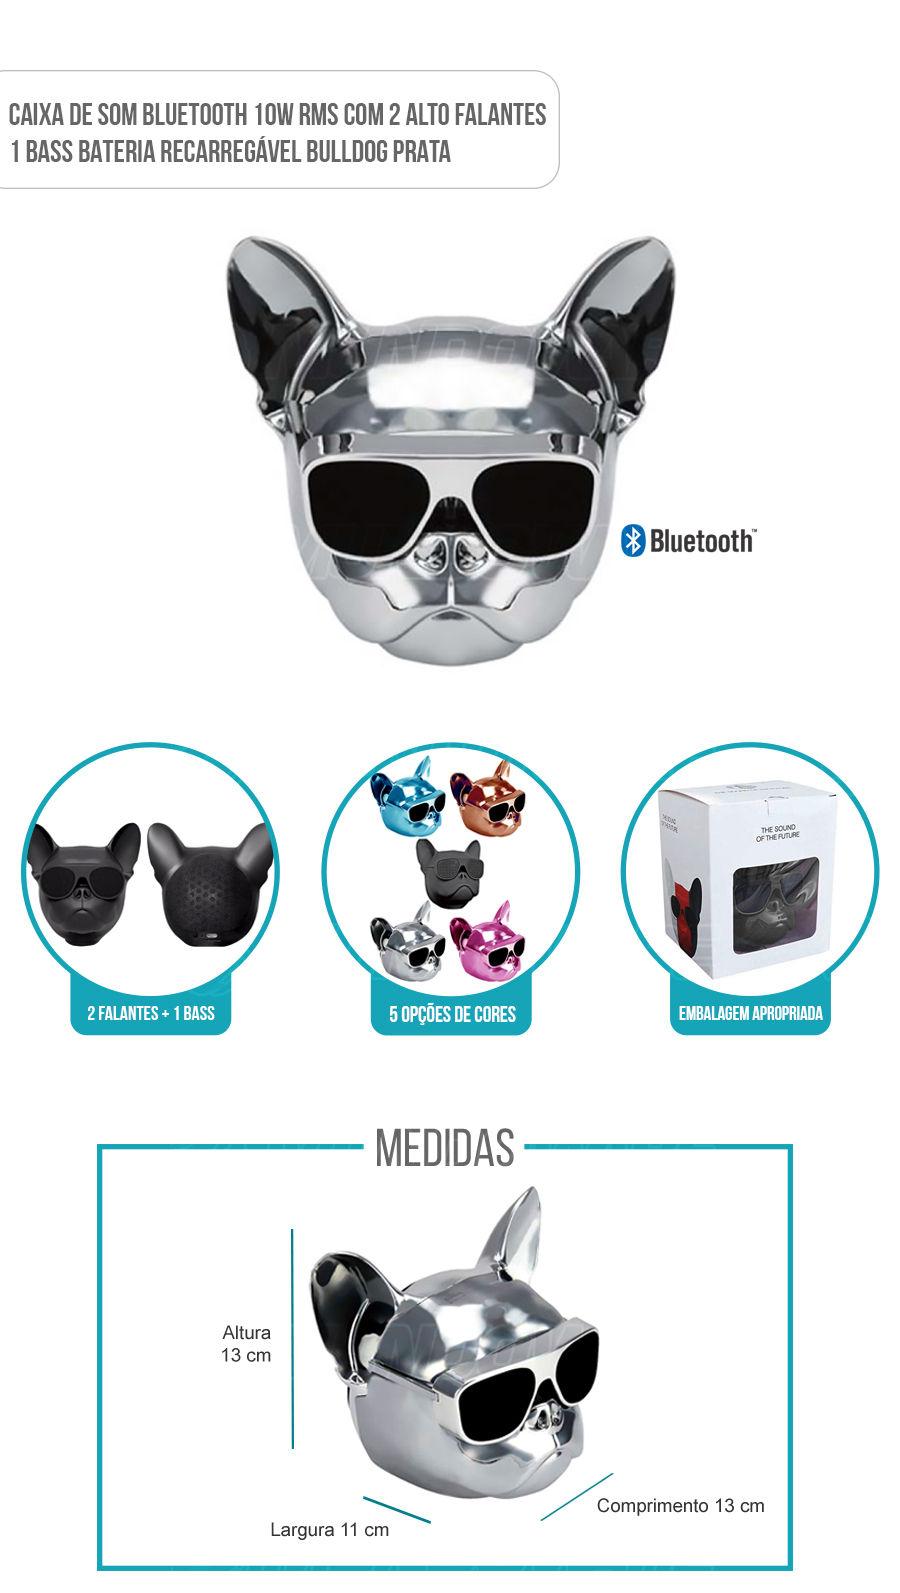 Caixa de Som Portátil com Bluetooth 10W RMS Bulldog Prata